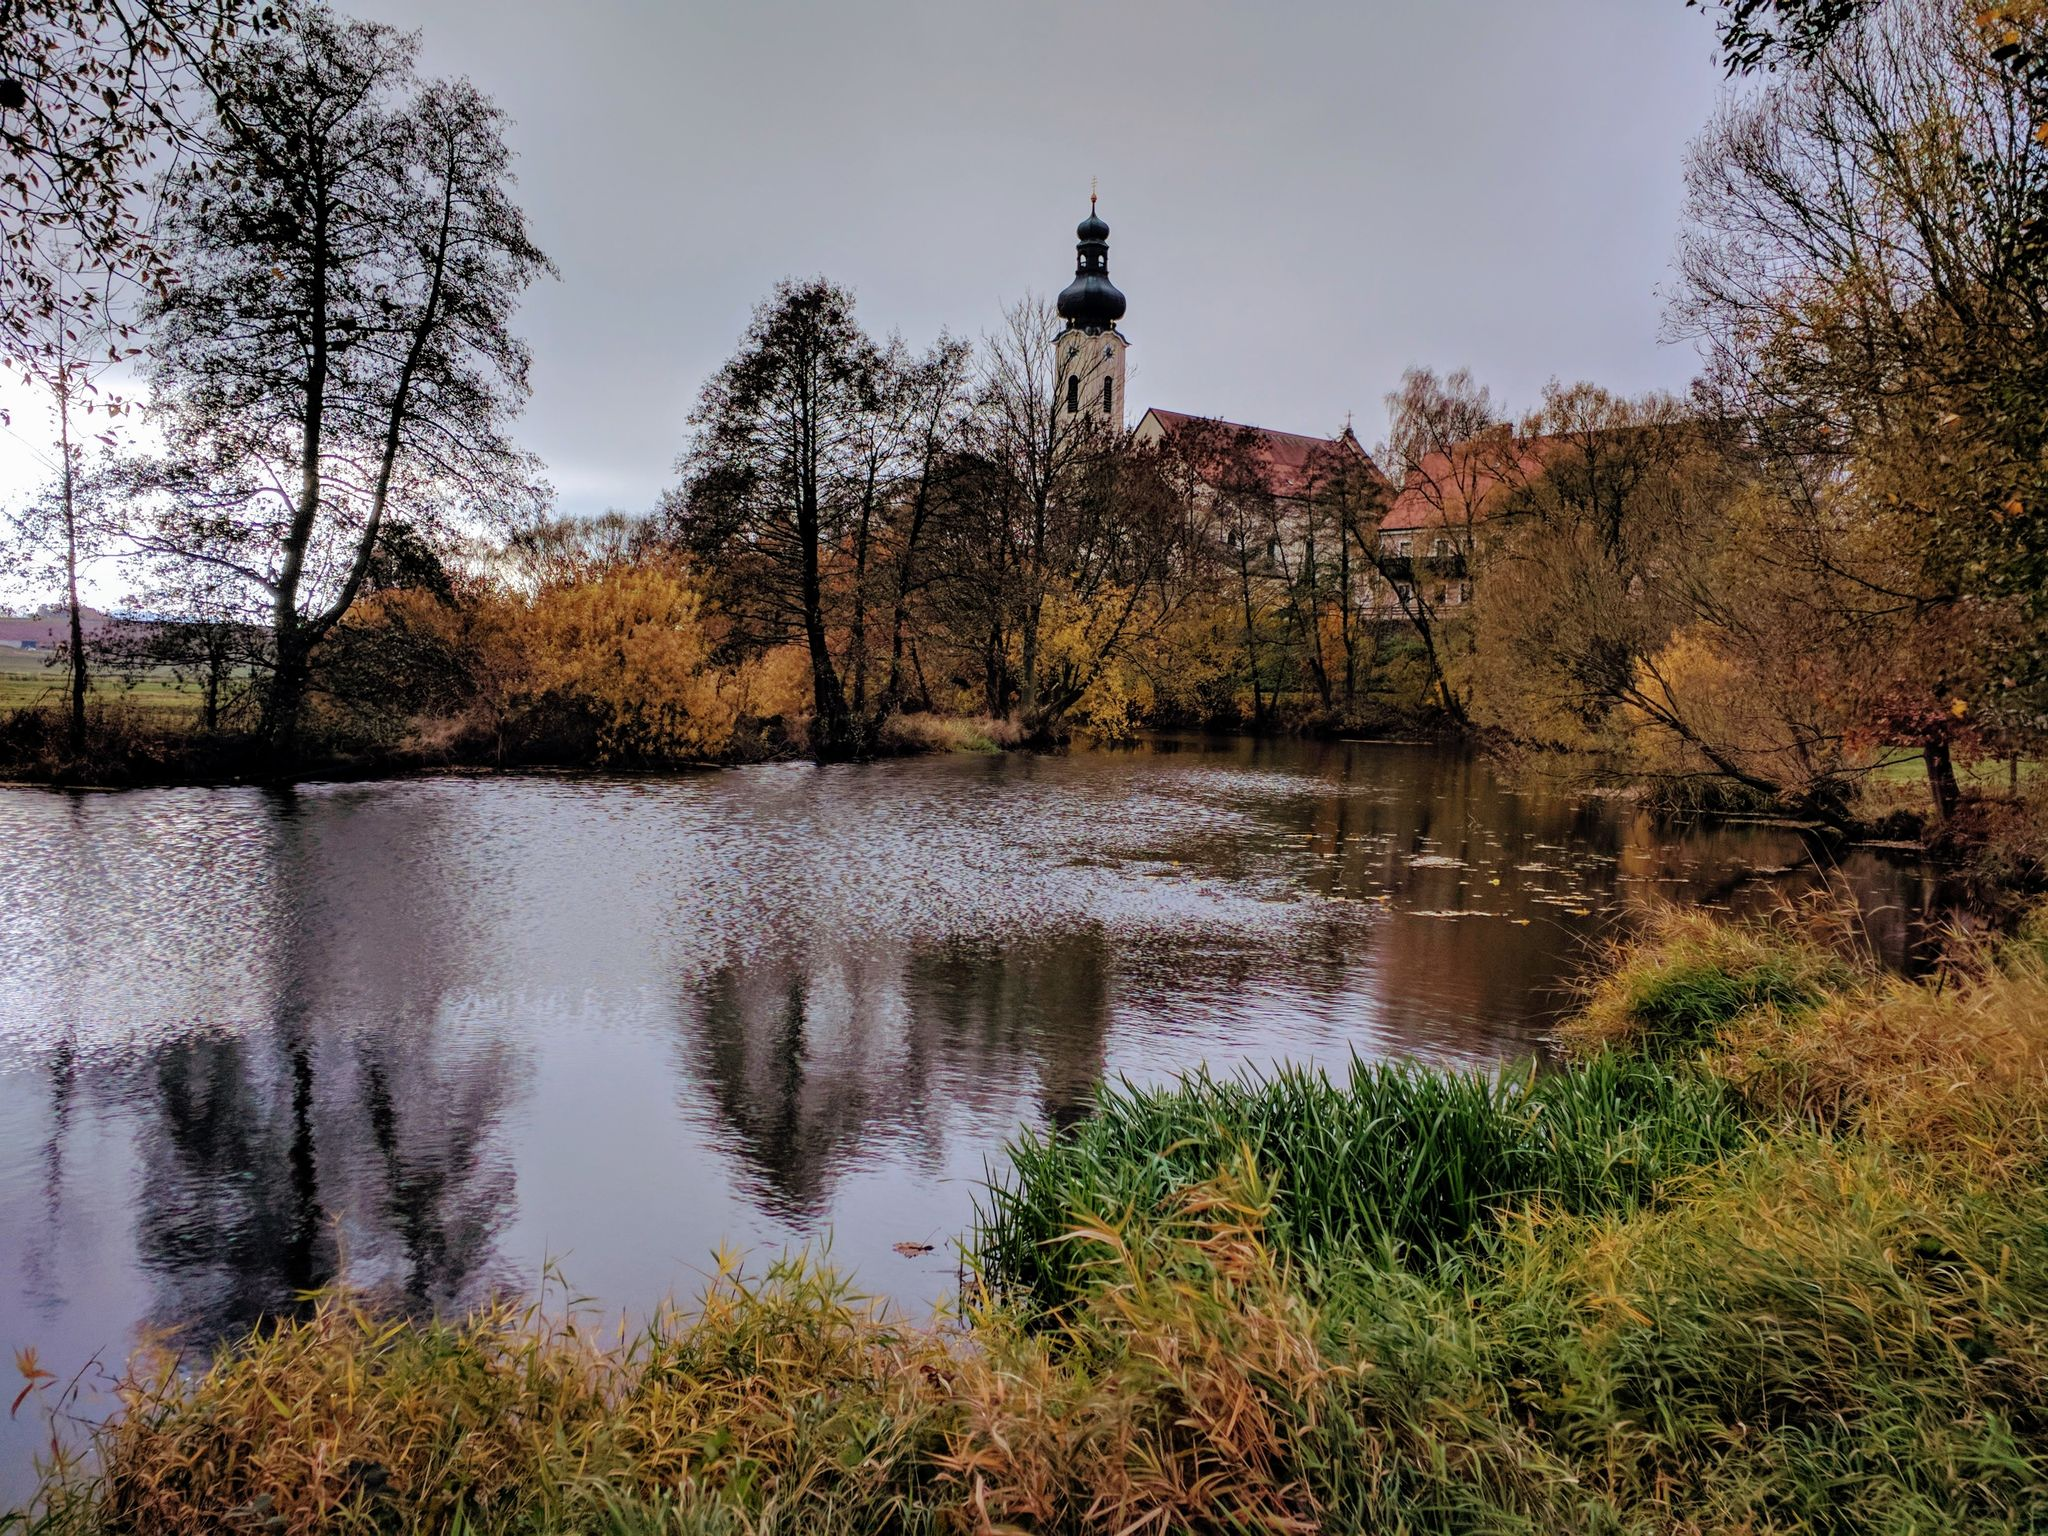 Blick auf die Kirche St. Martin in Arnschwang